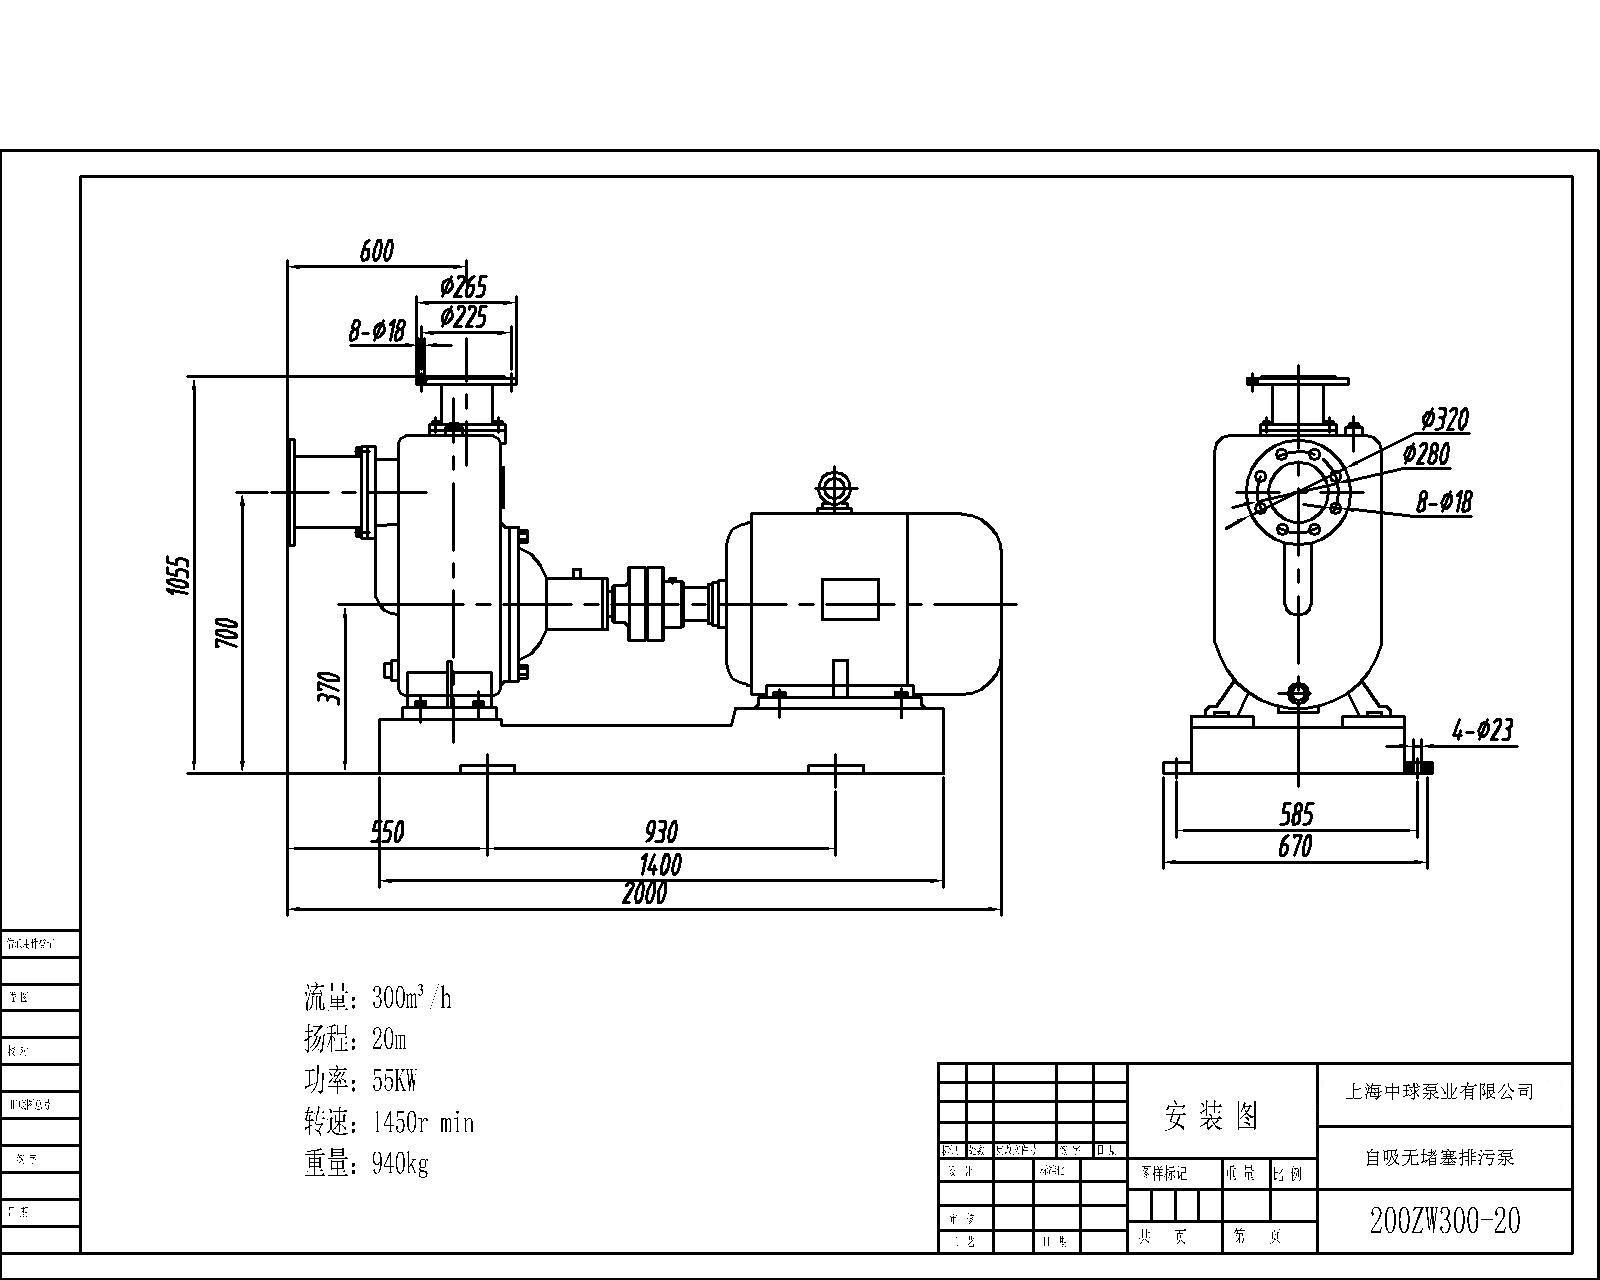 200zw280-28无堵塞自吸排污泵-产品报价-上海中球泵业